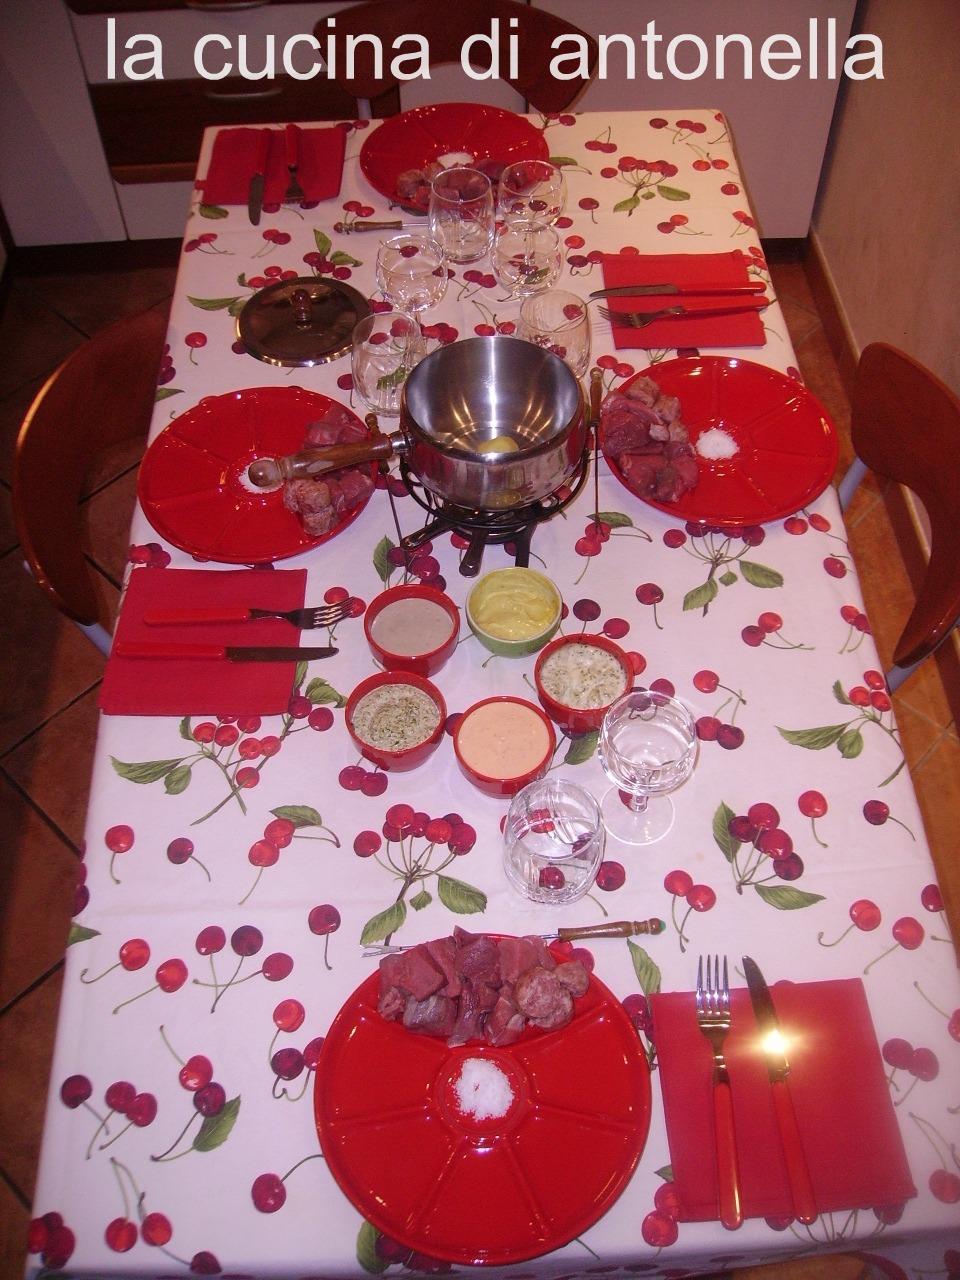 La cucina di antonella fondue bourguignonne con le salse - La cucina di antonella ...